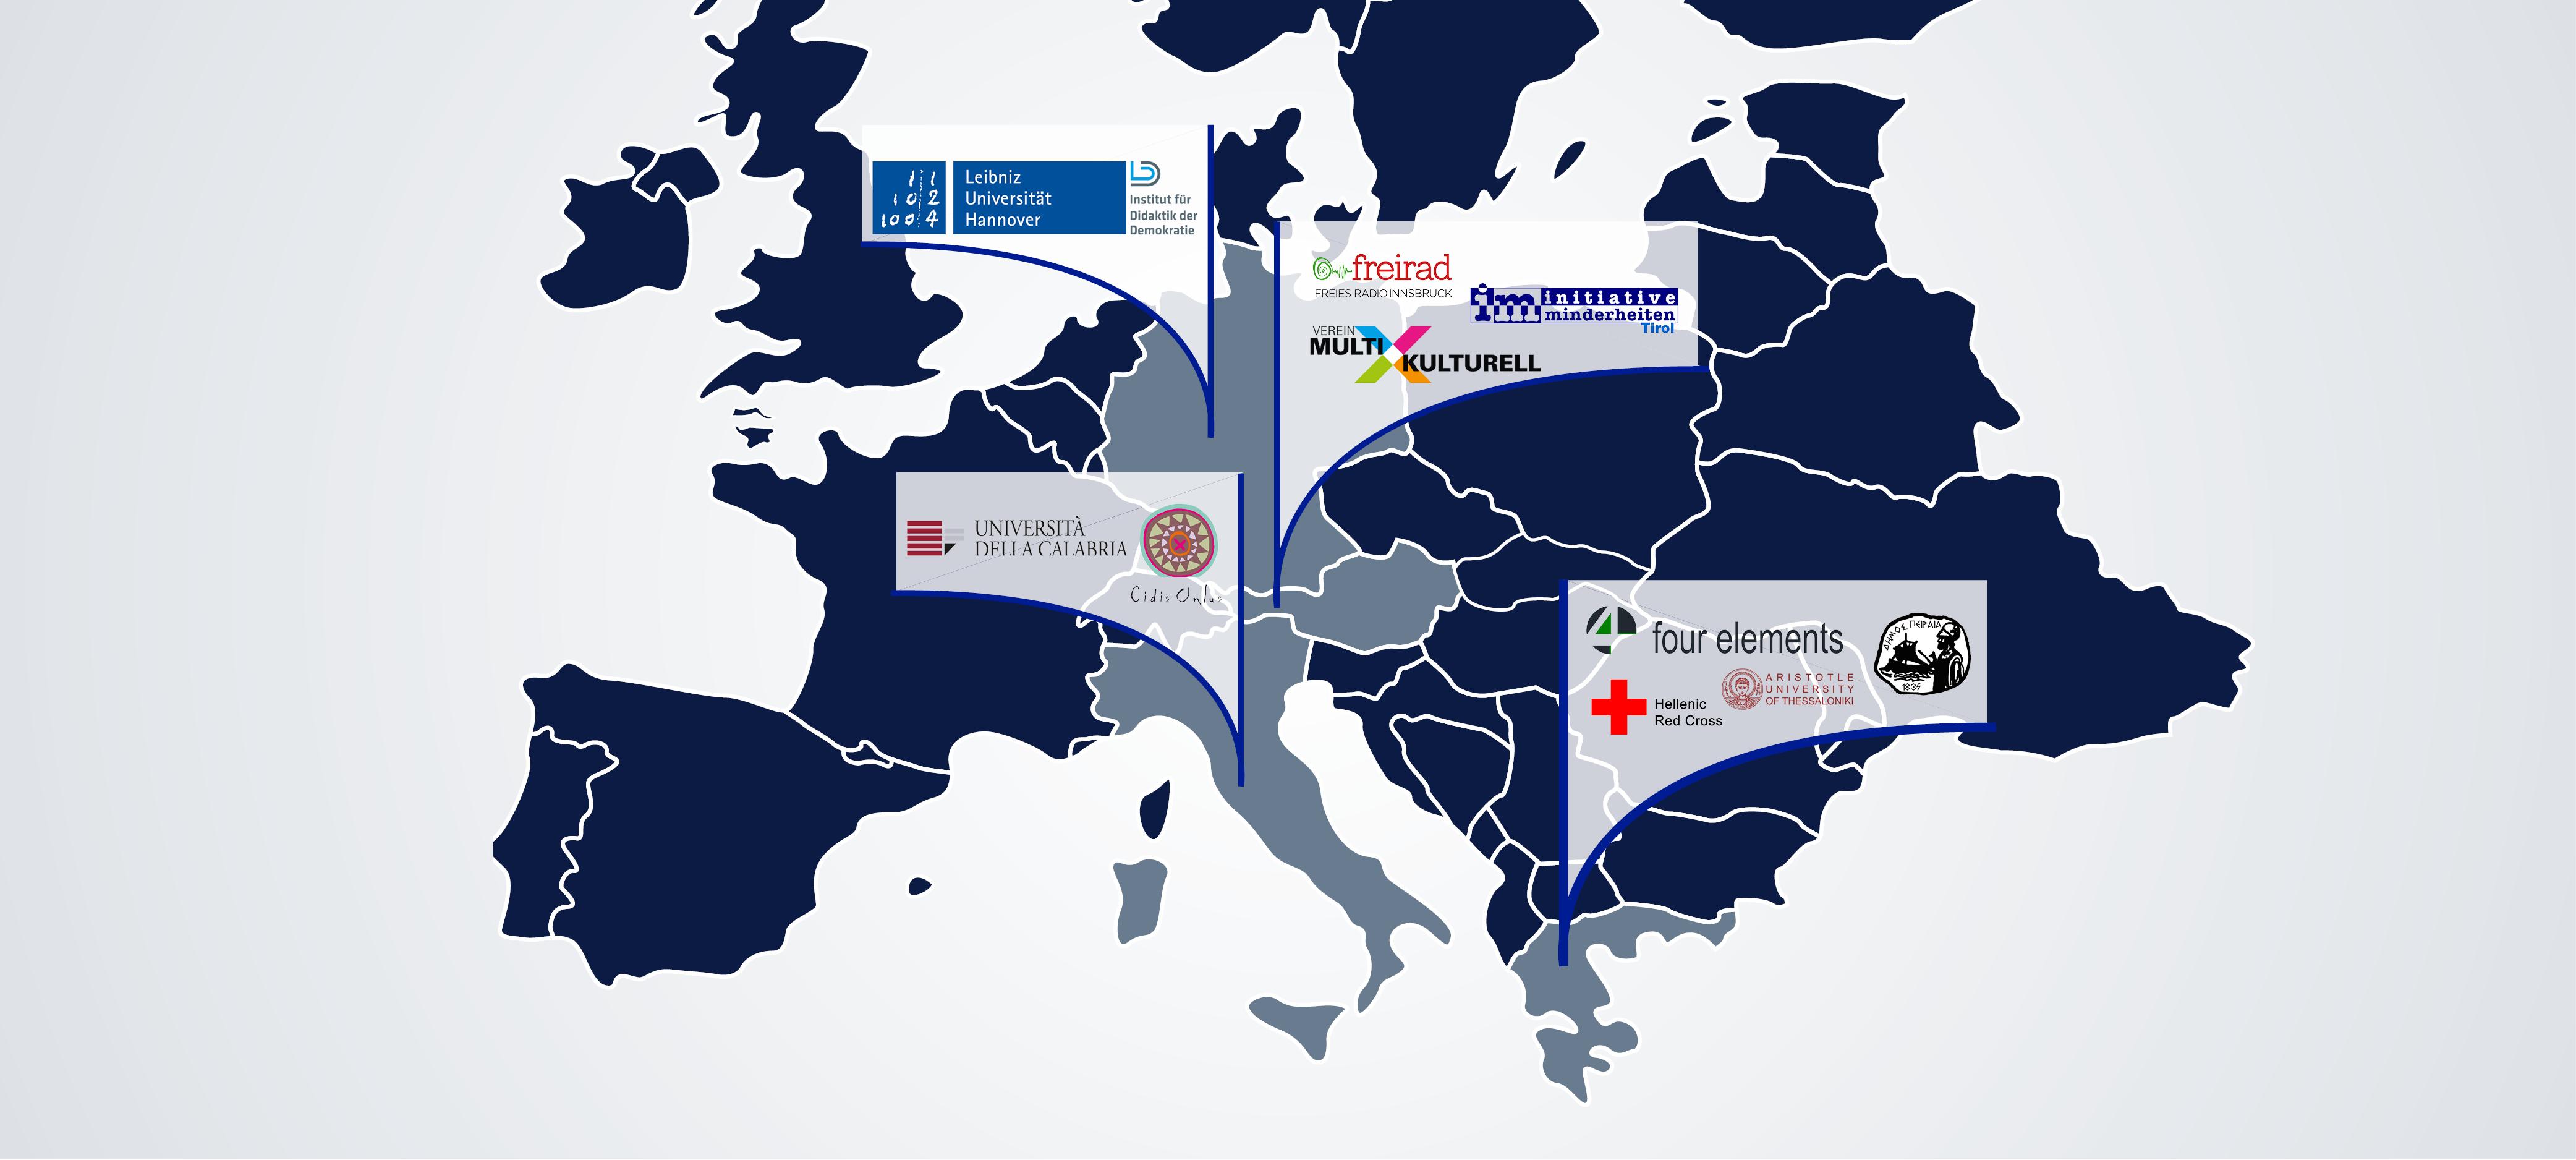 Mappa dell'Europa con i loghi delle organizzazioni partner nei rispettivi paesi